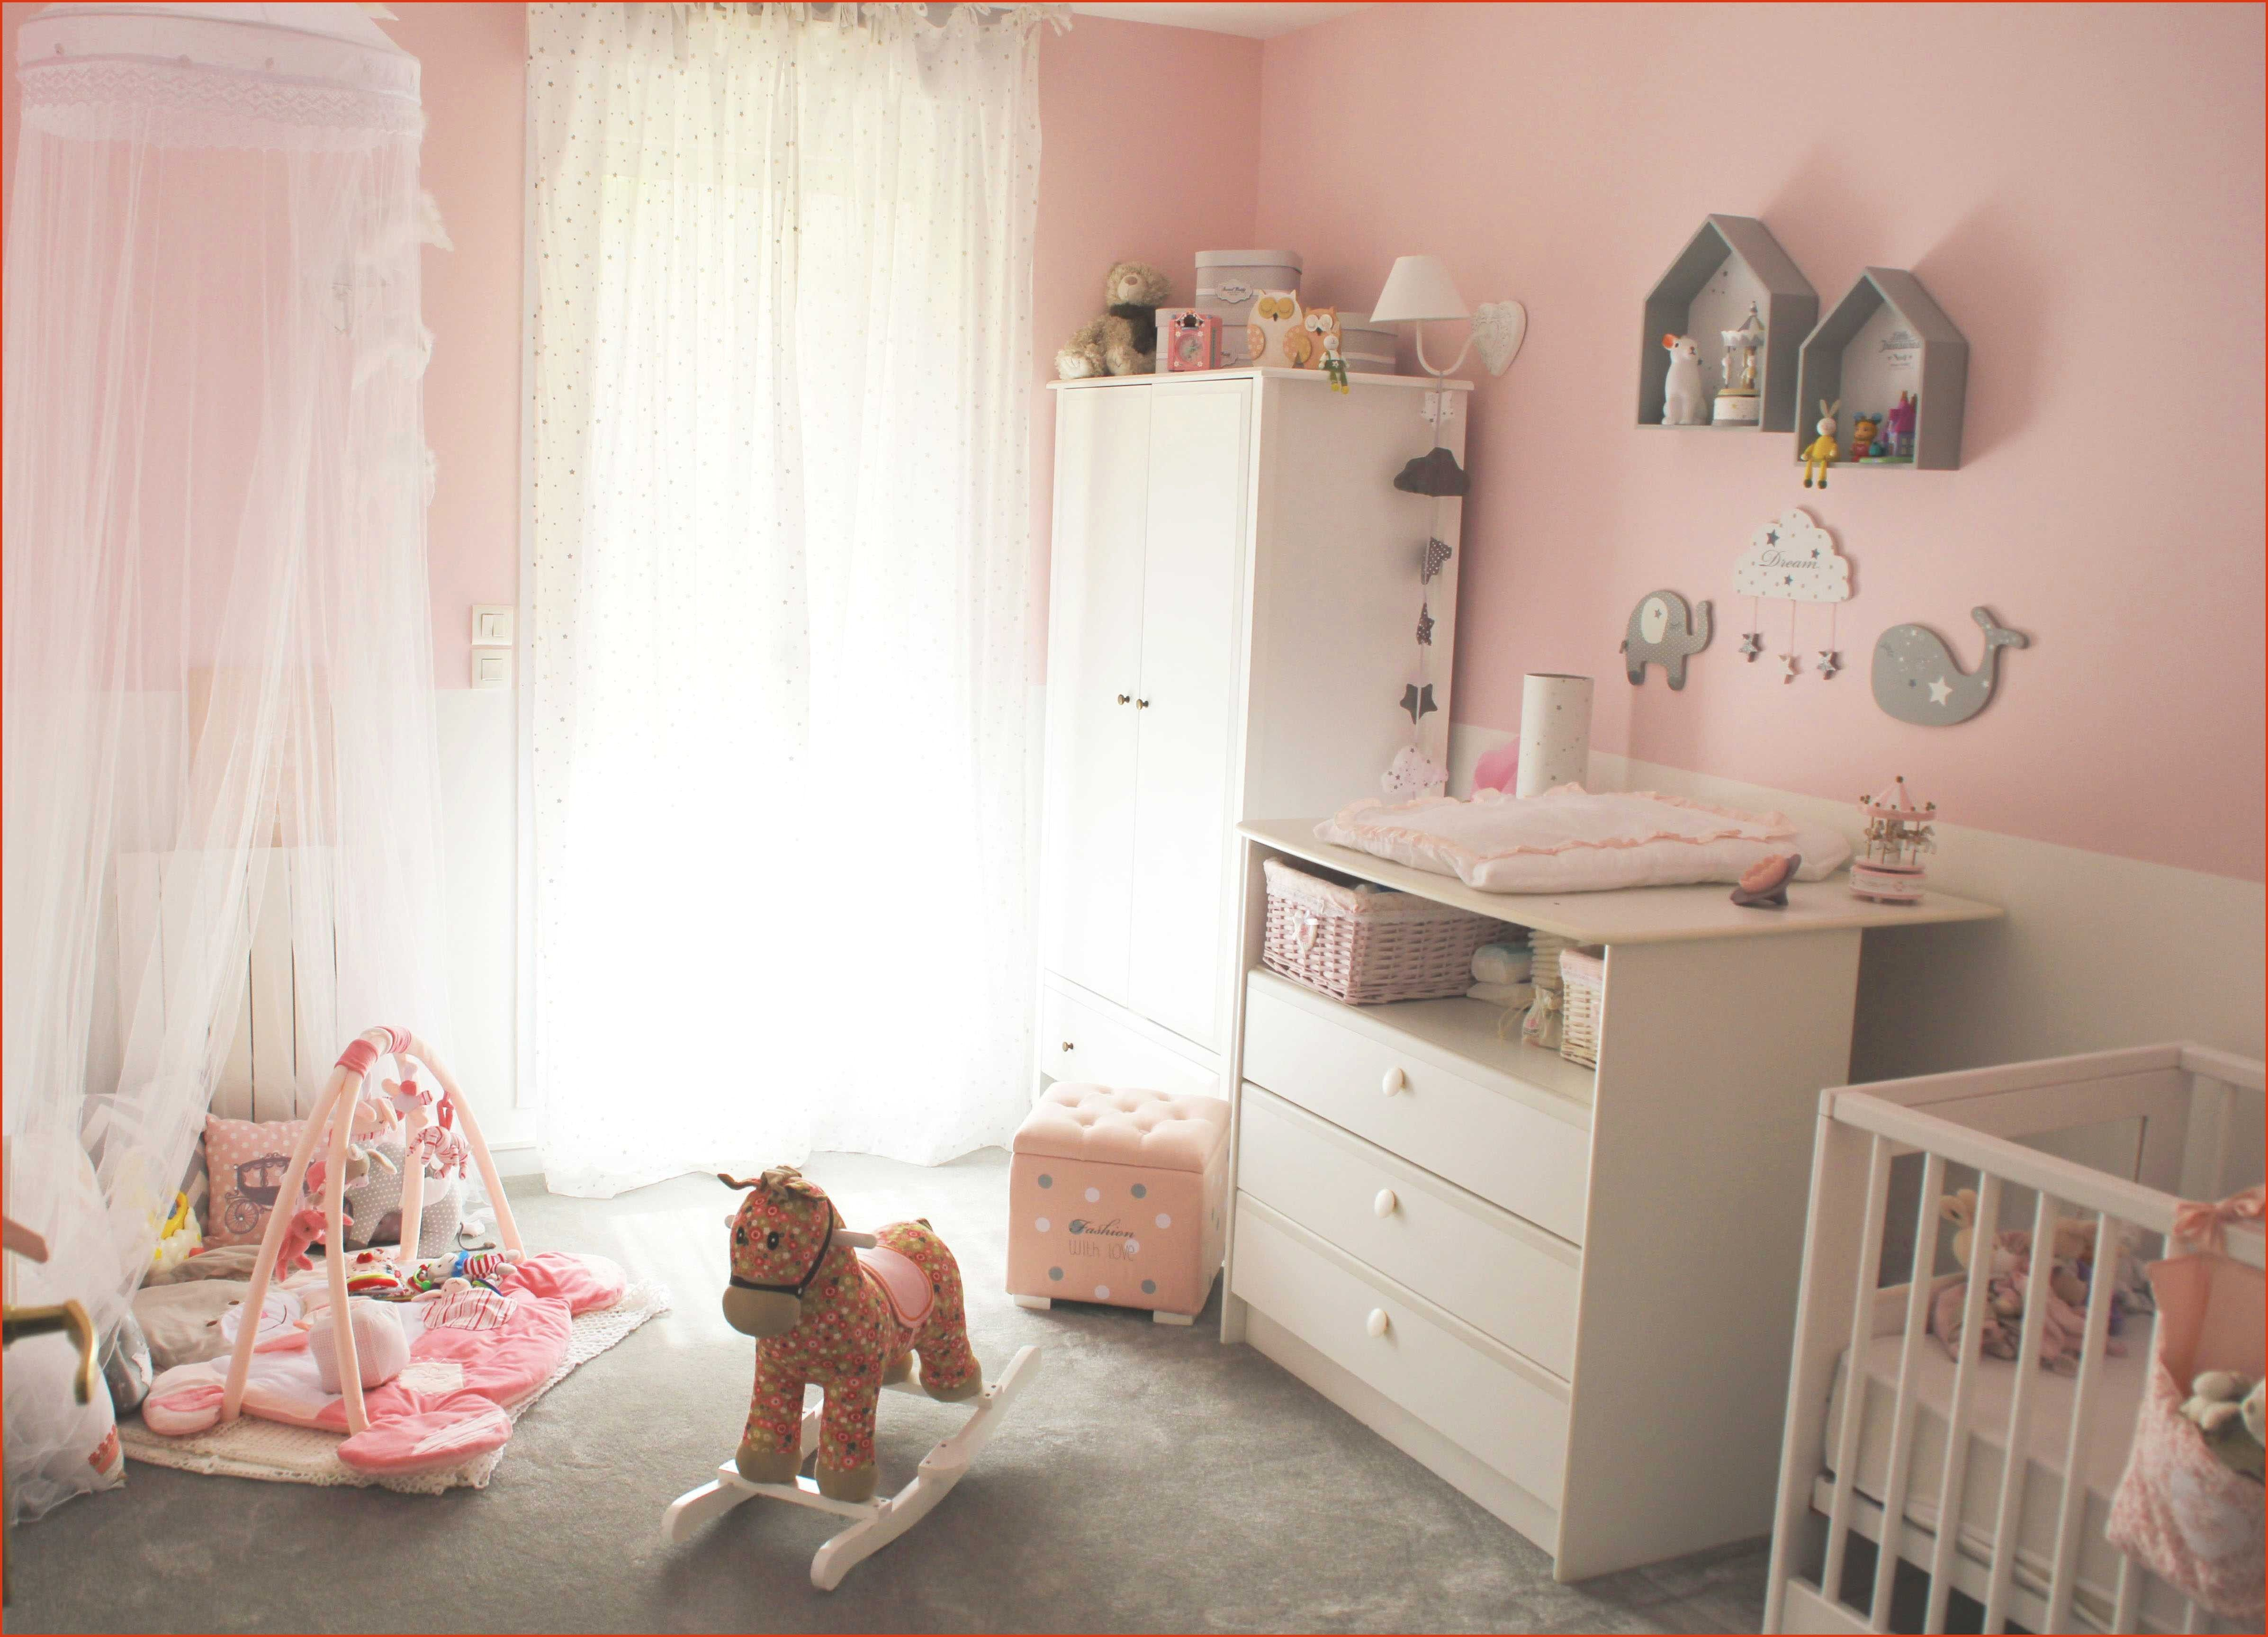 Lit Bebe Voiture Frais Belle Chambre Enfant Voiture Dans Ide Chambre Garon Perfect Chambre